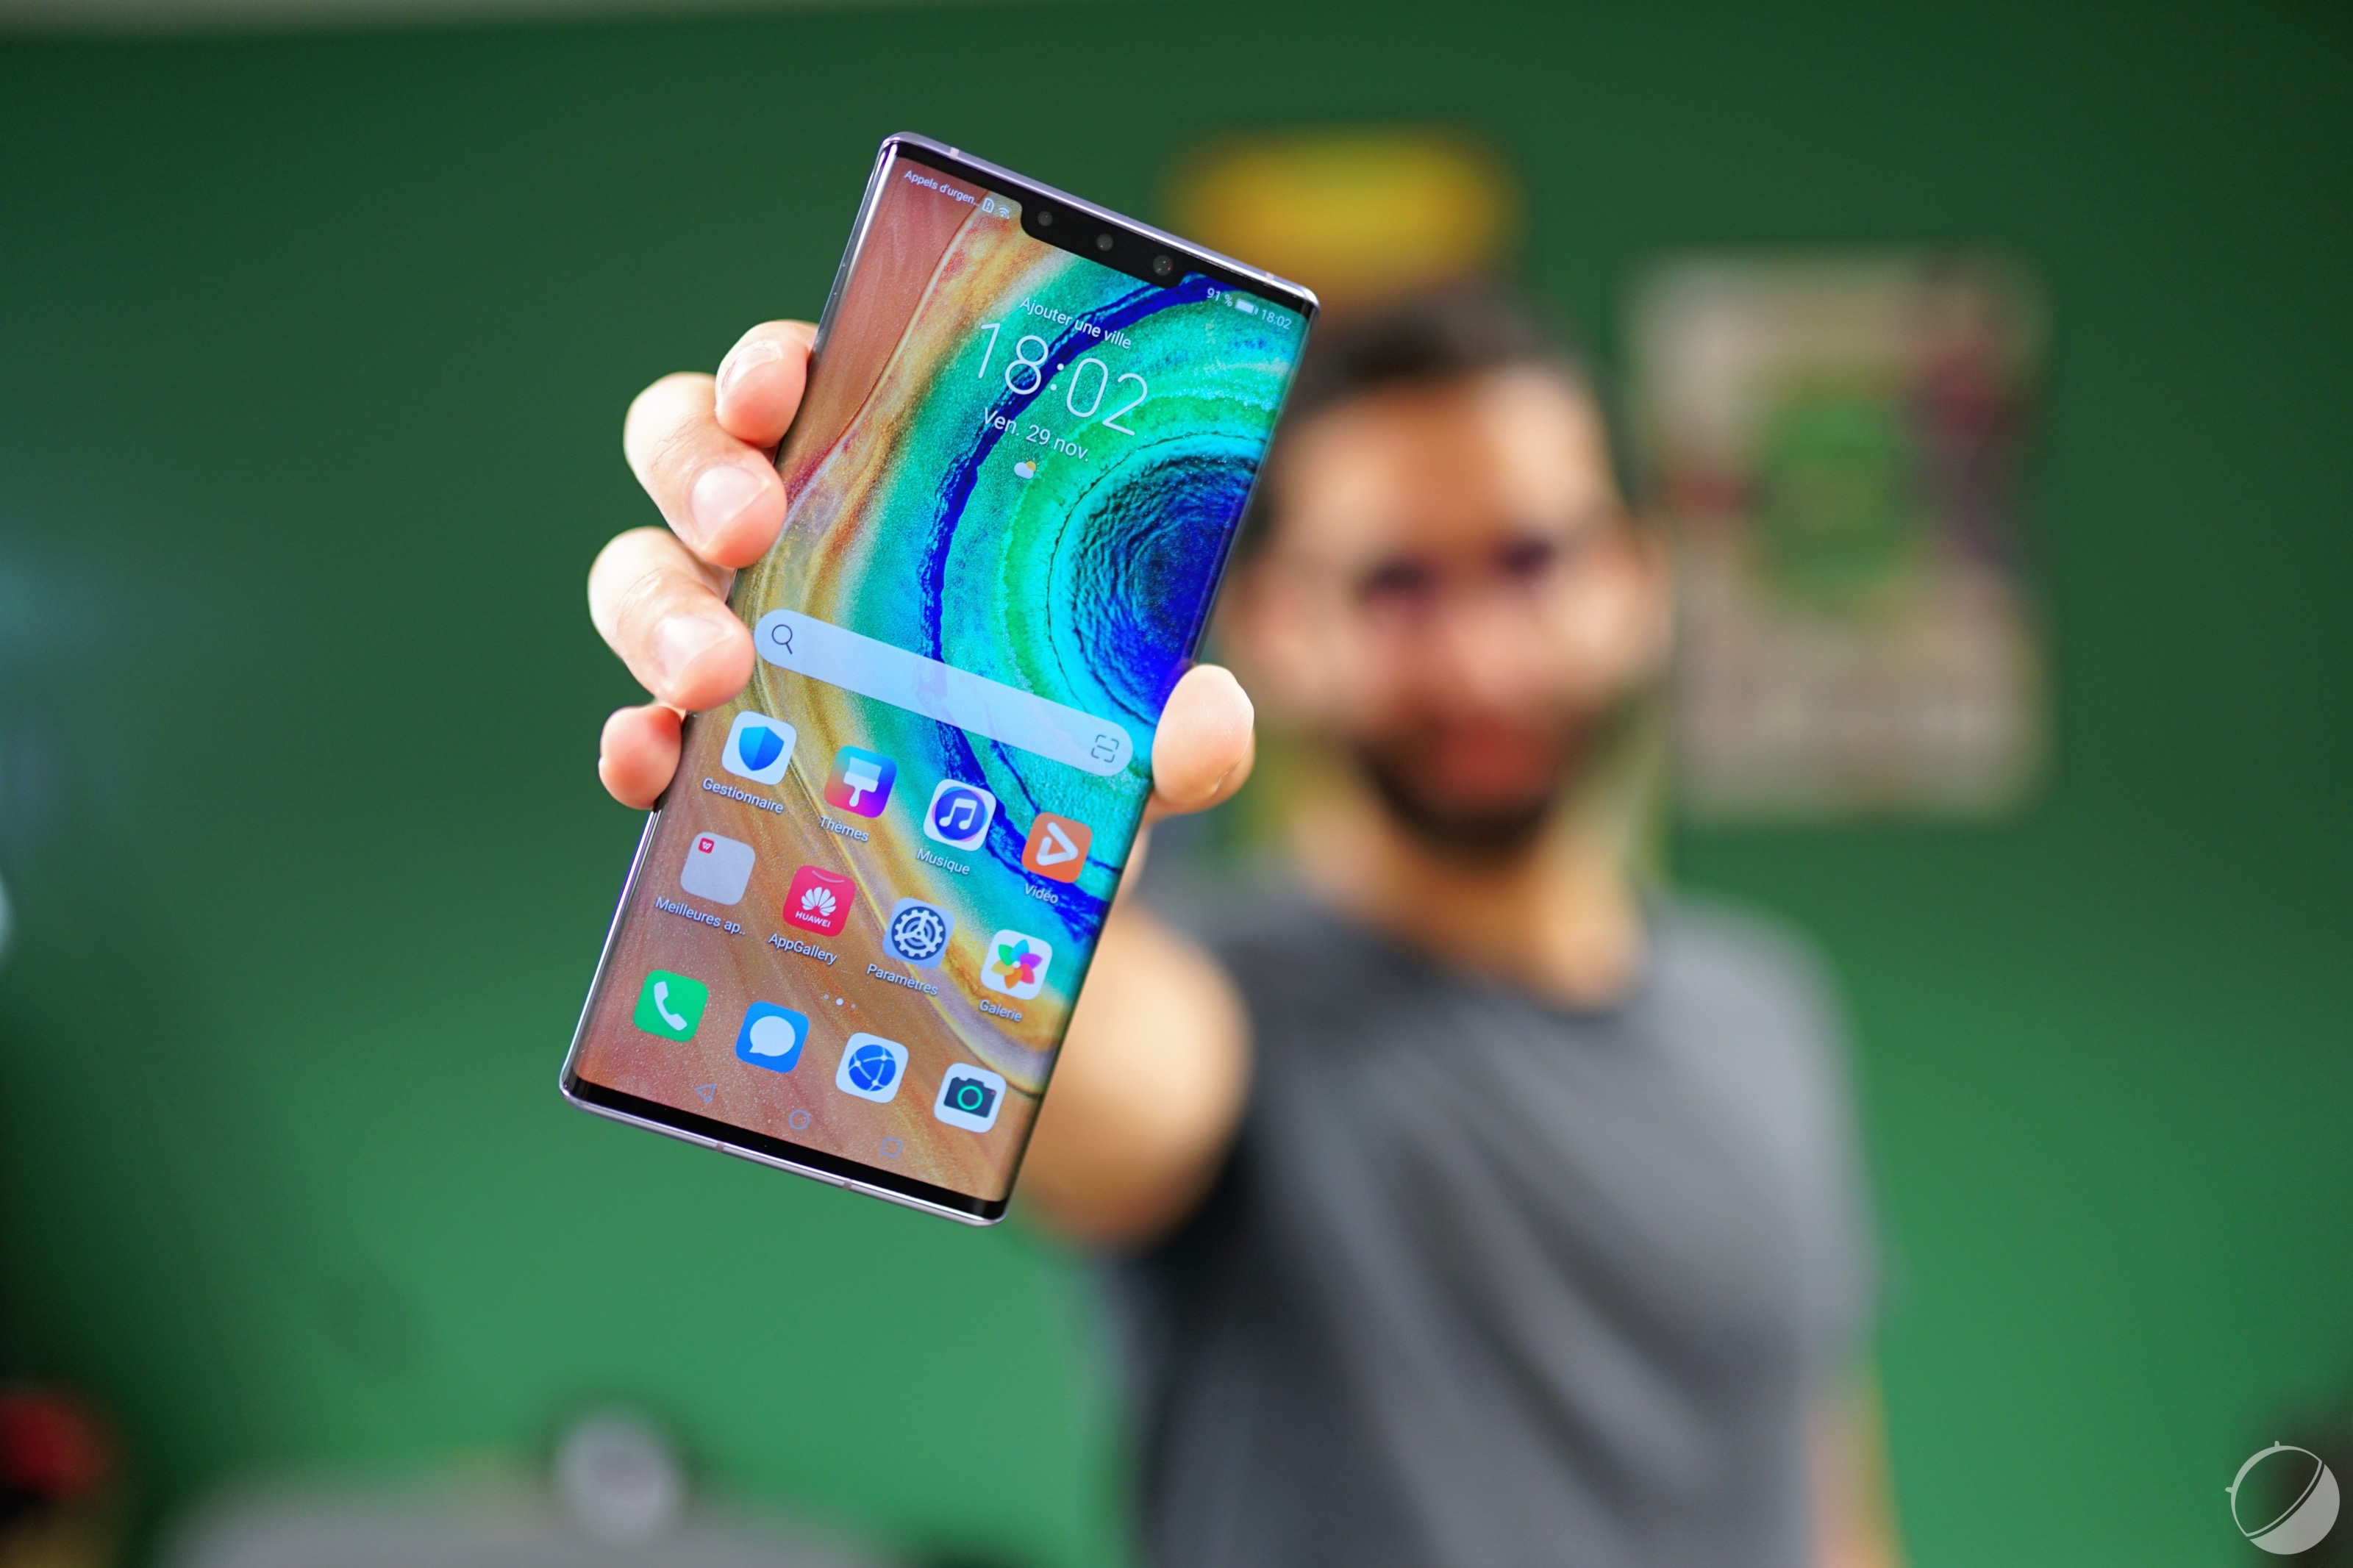 3 actualités qui ont marqué la semaine : Huawei Mate 30 Pro en France, augmentation chez RED et Plex gratuit